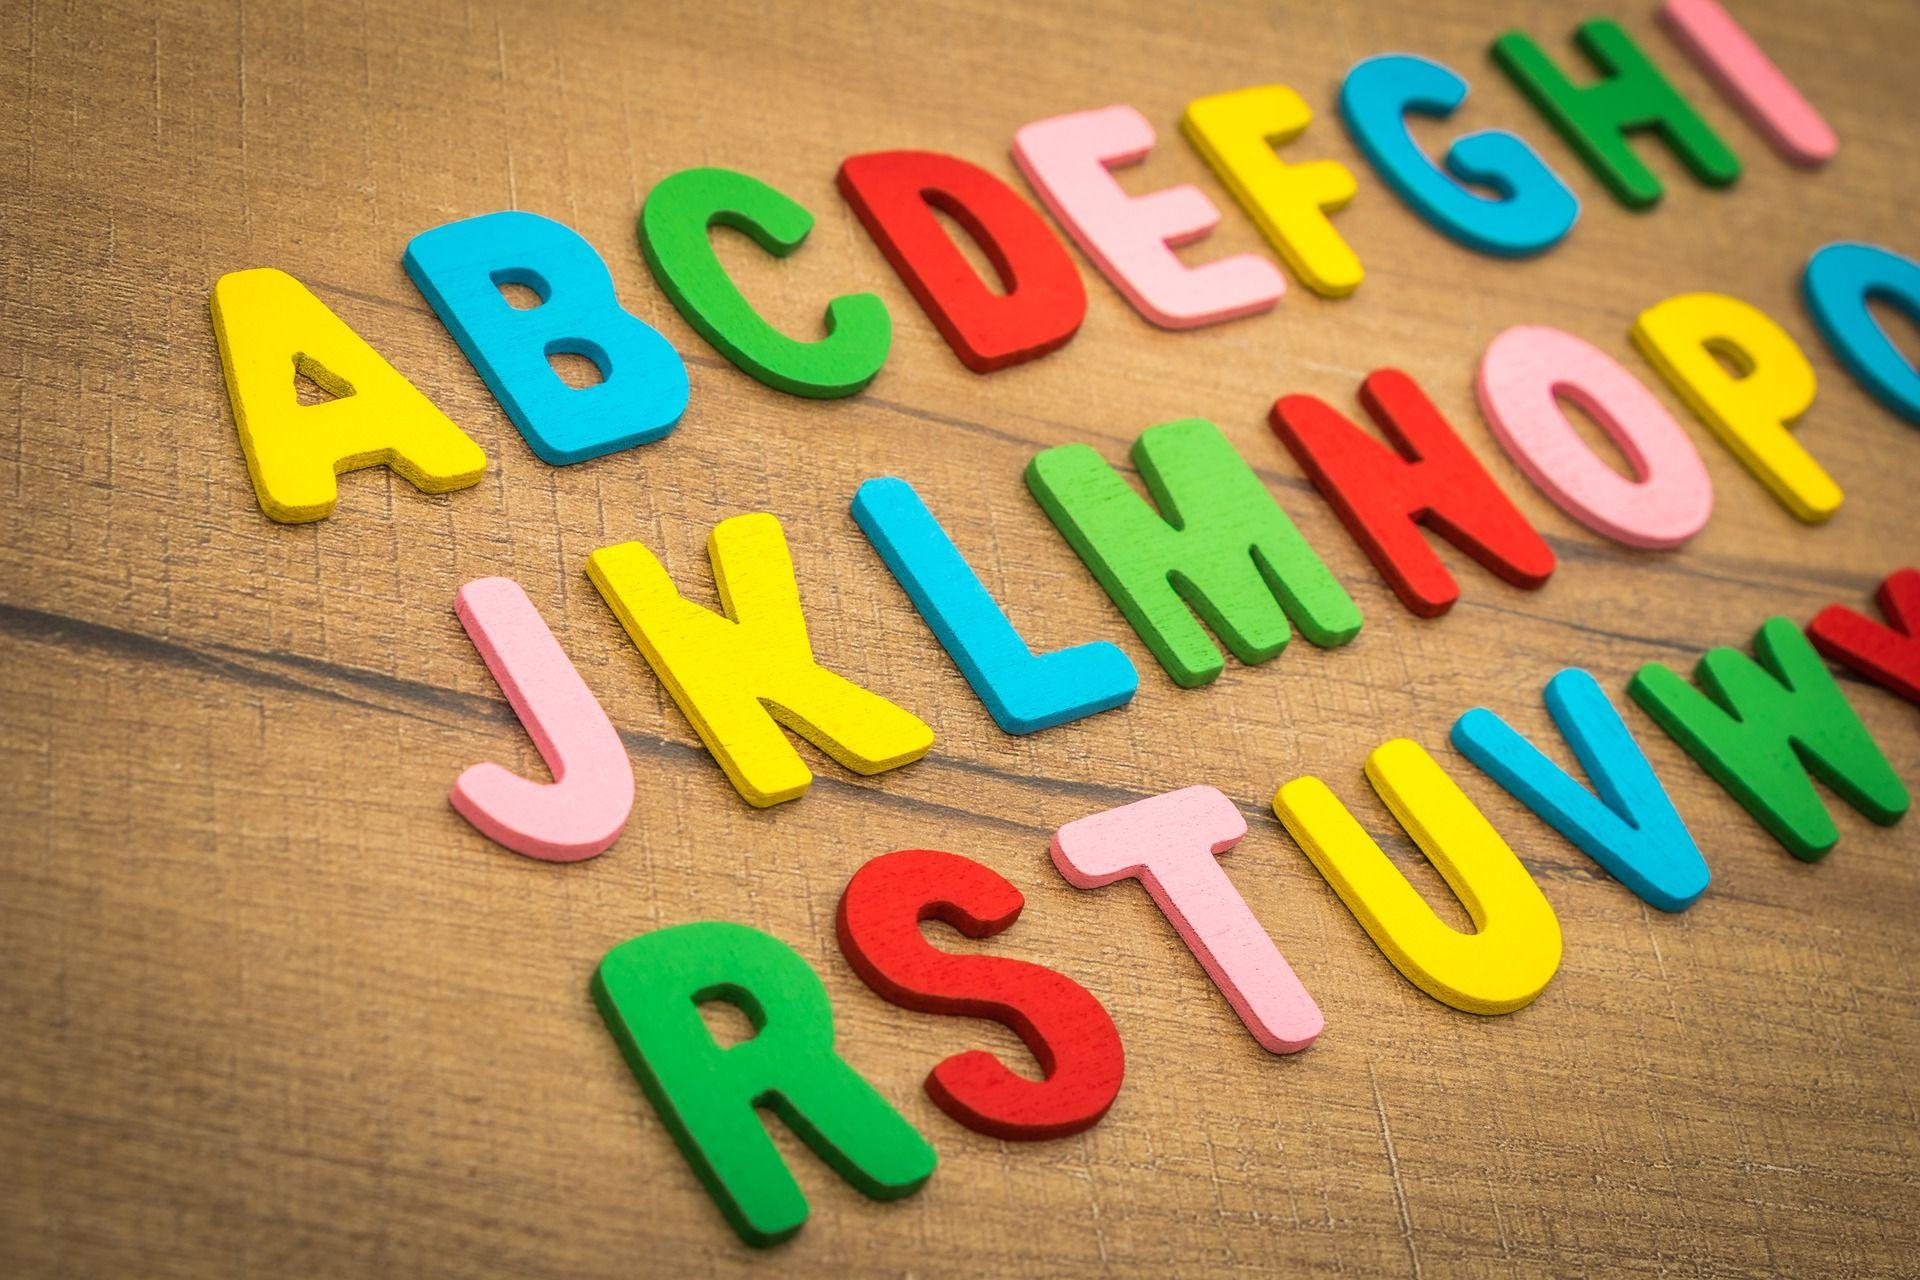 Farebná abeceda vo veršoch